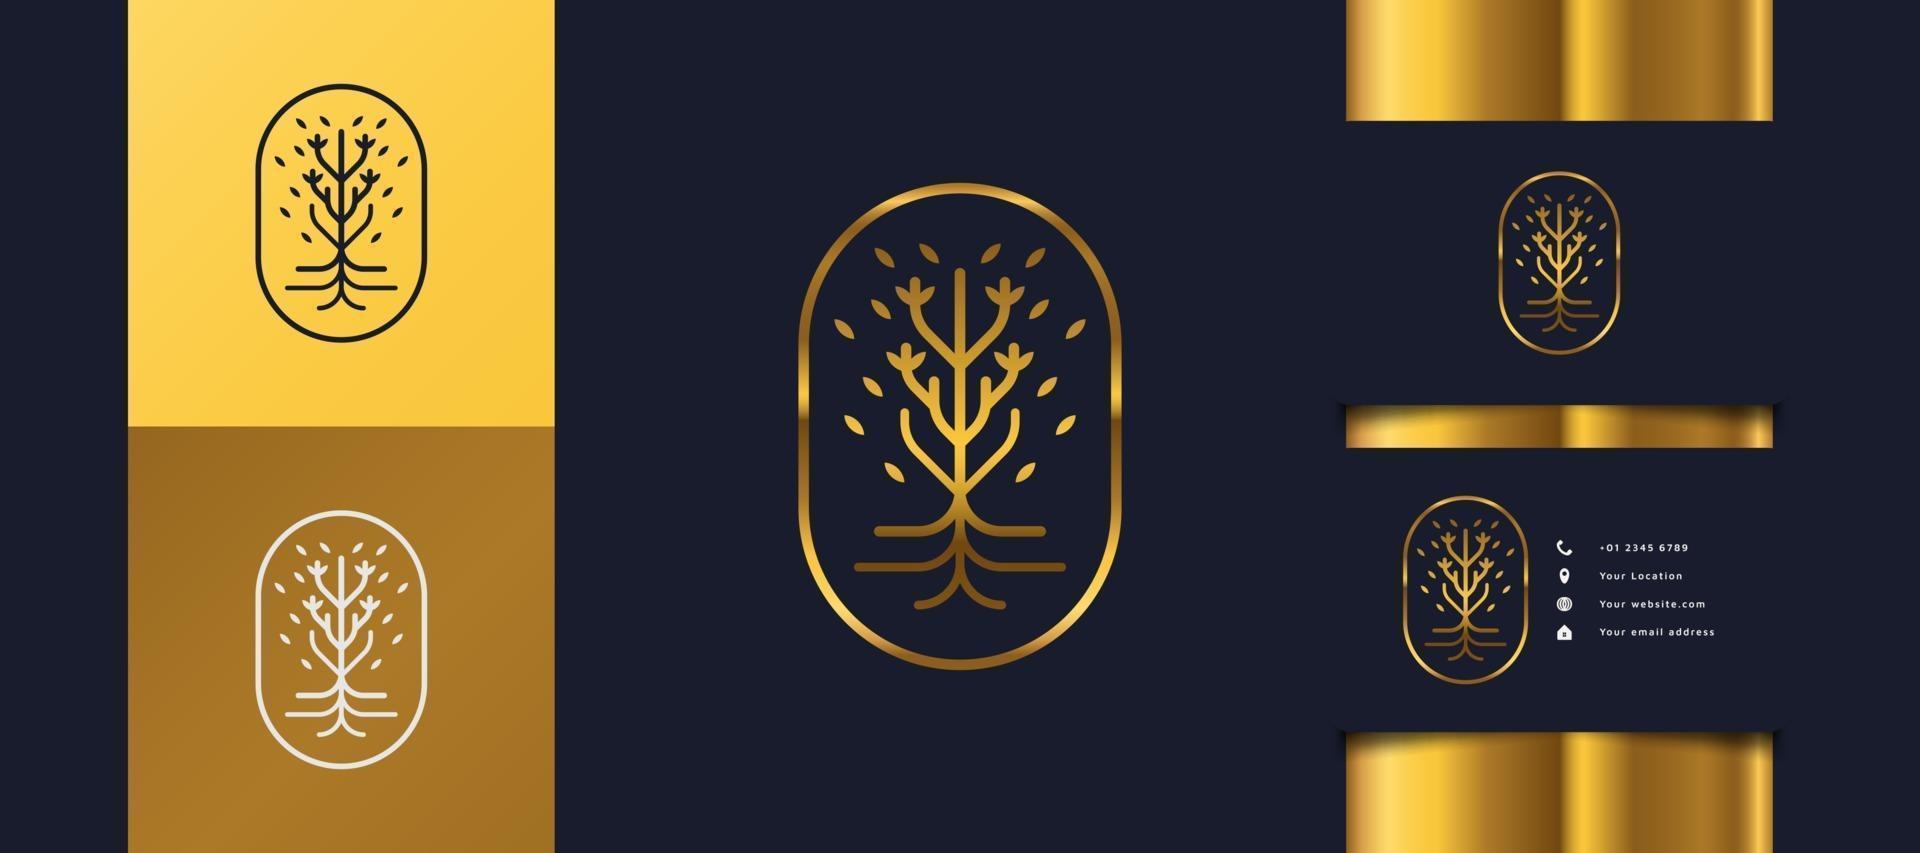 lyxig gyllene trädlogotyp med lövverk i en cirkel, kan användas för hotell-, spa-, skönhets- eller fastighetslogotyper vektor